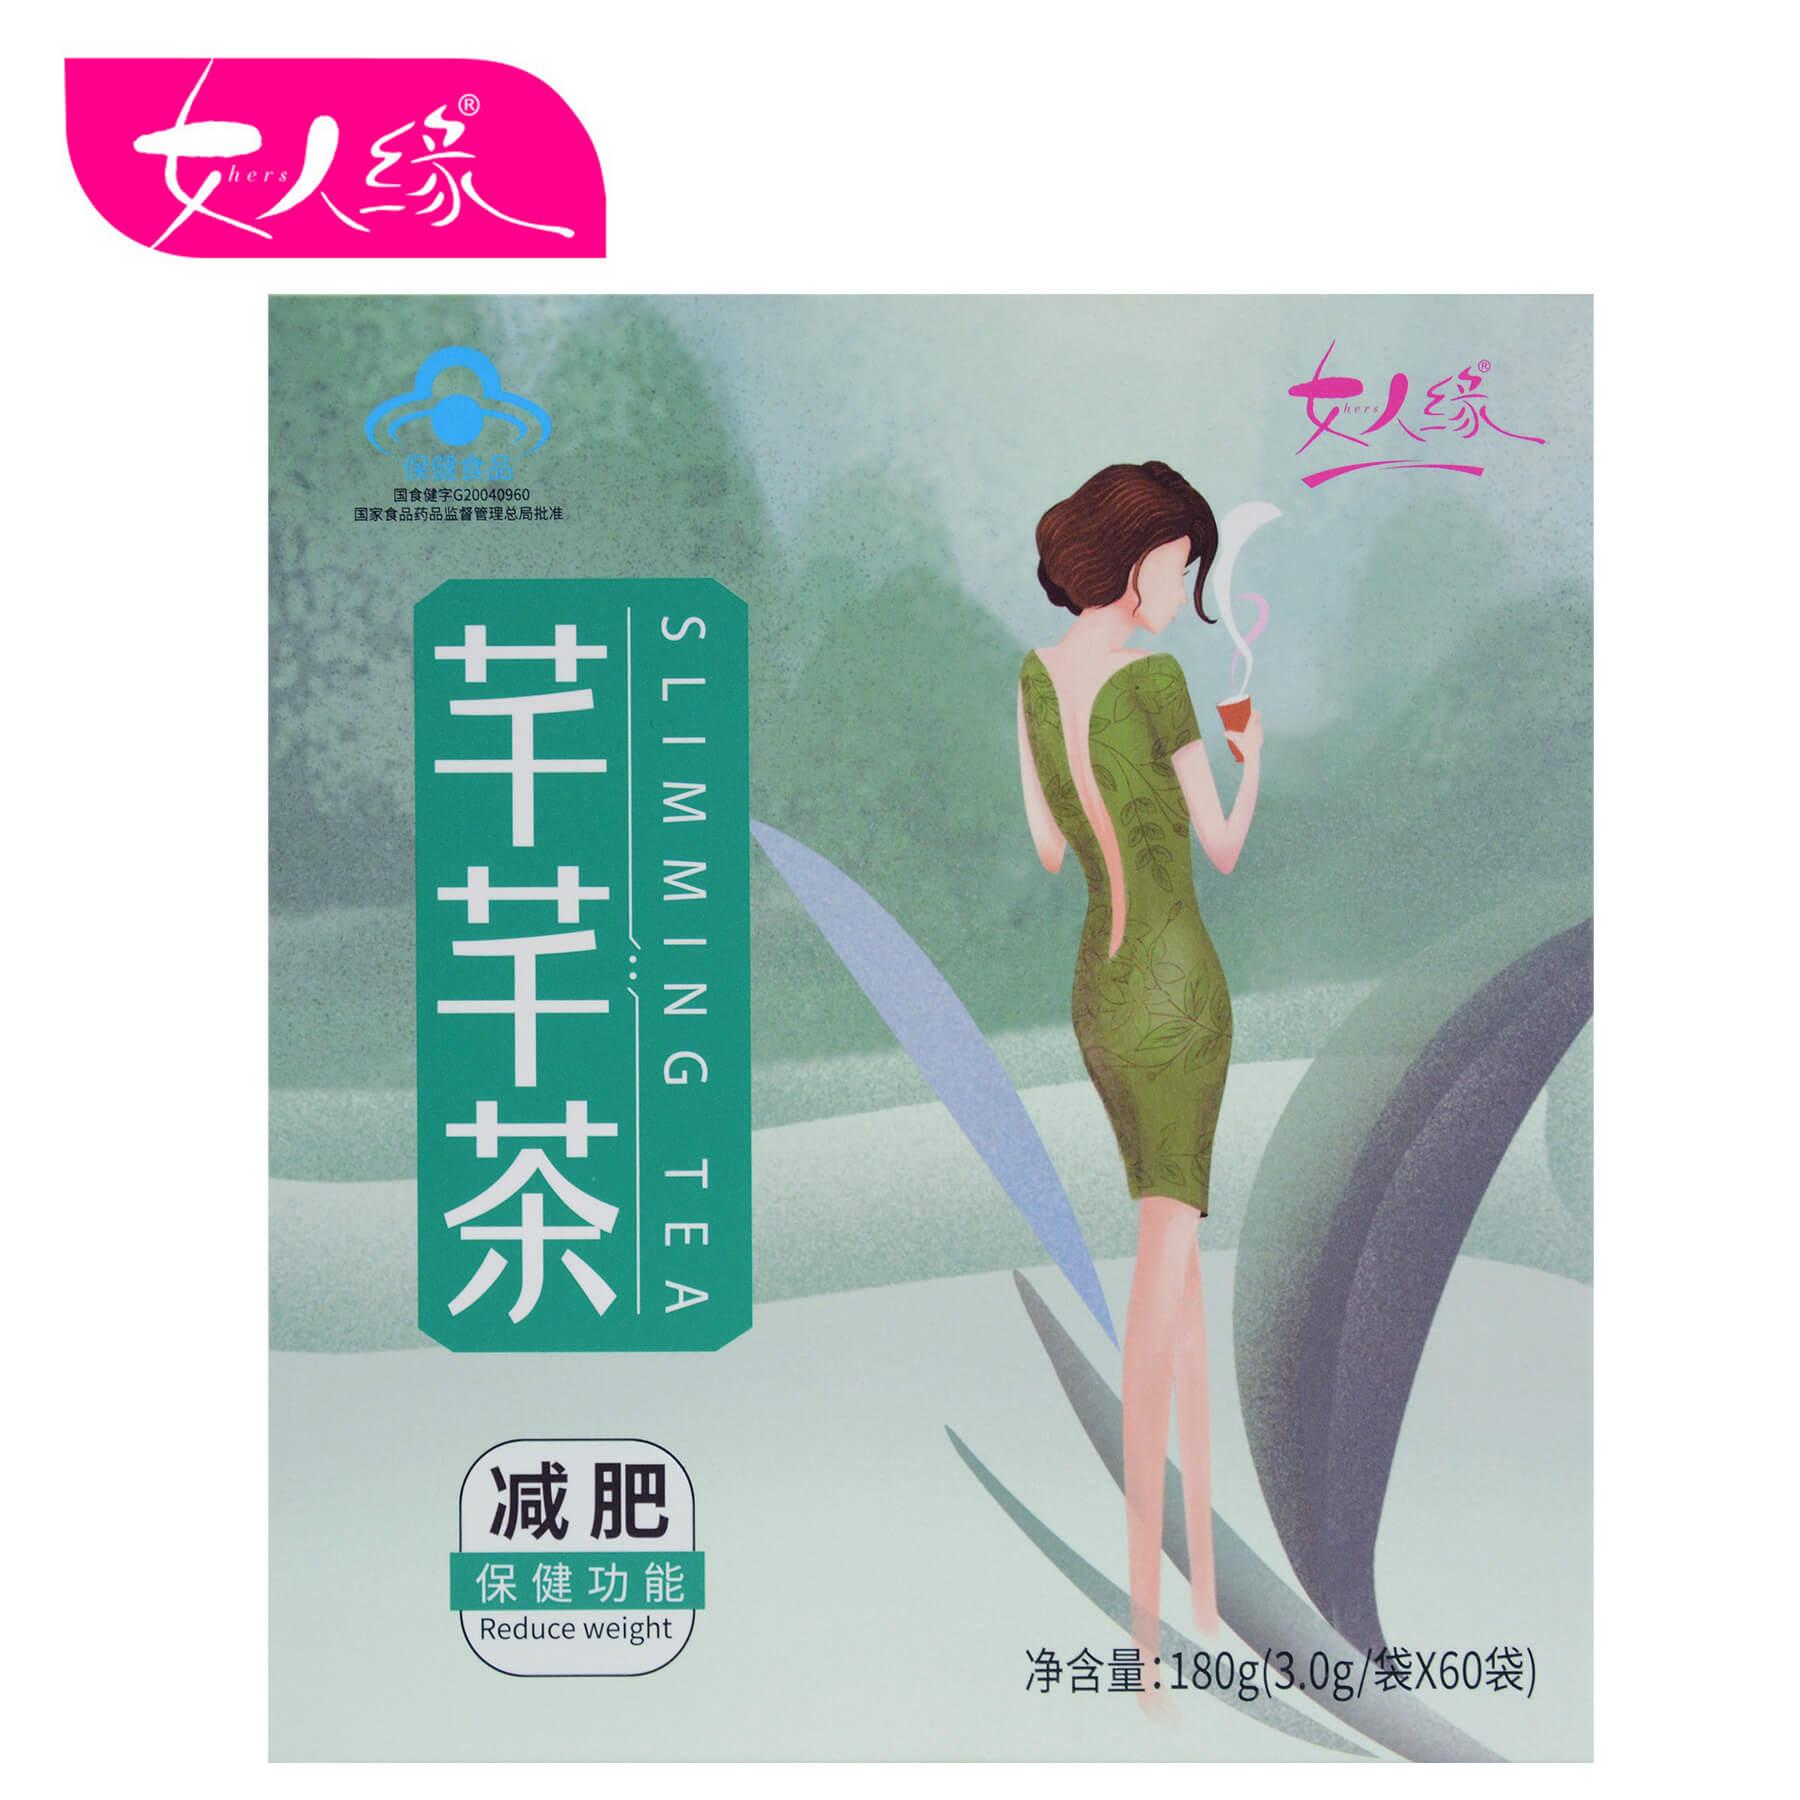 女人缘芊芊茶减肥燃脂清肠绞股蓝限50000张券